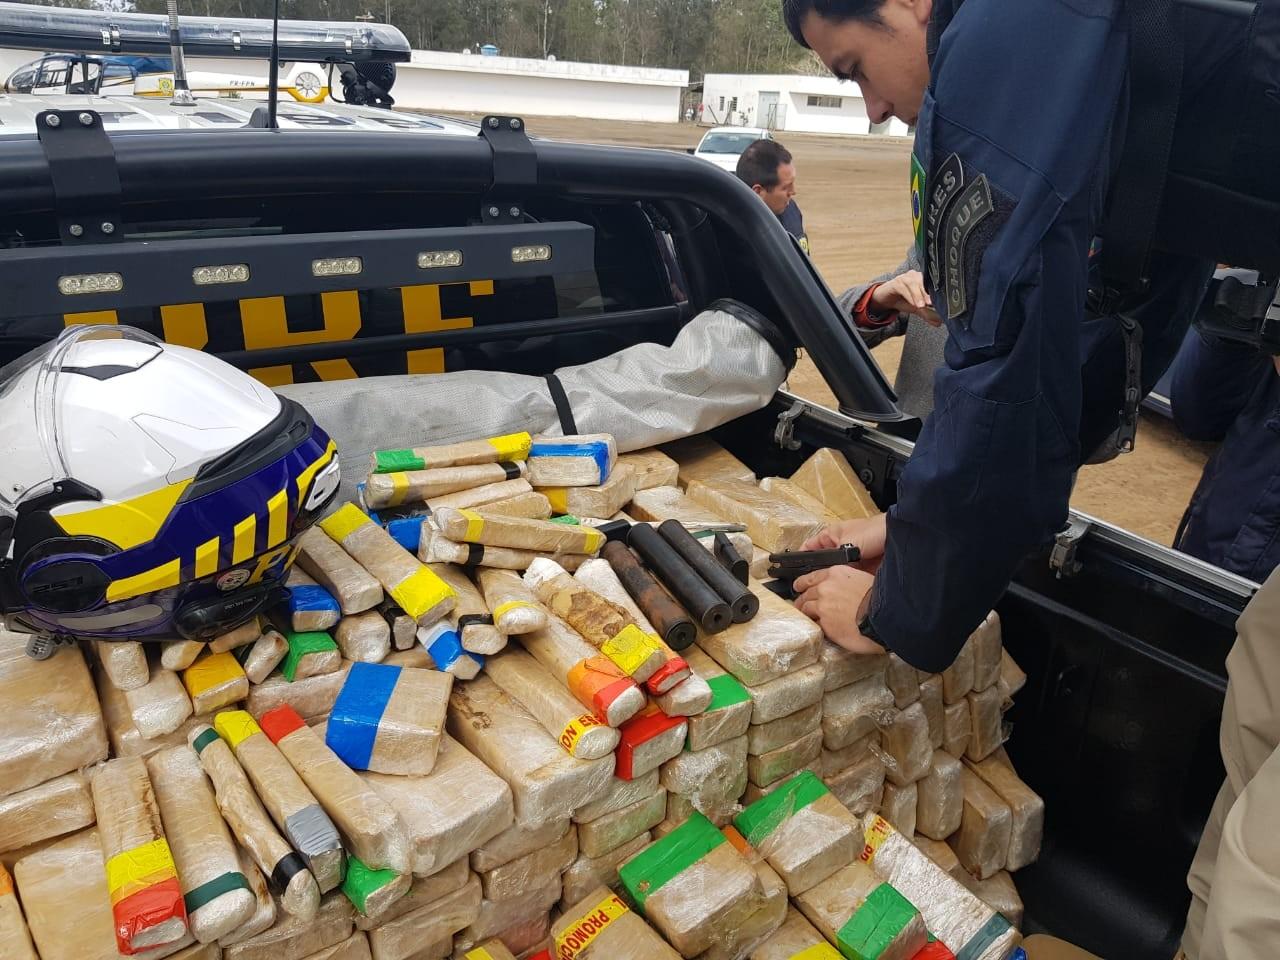 PRF apreende mais de 350kg de pasta base de cocaína em Gravataí com ajuda de cães farejadores - Notícias - Plantão Diário